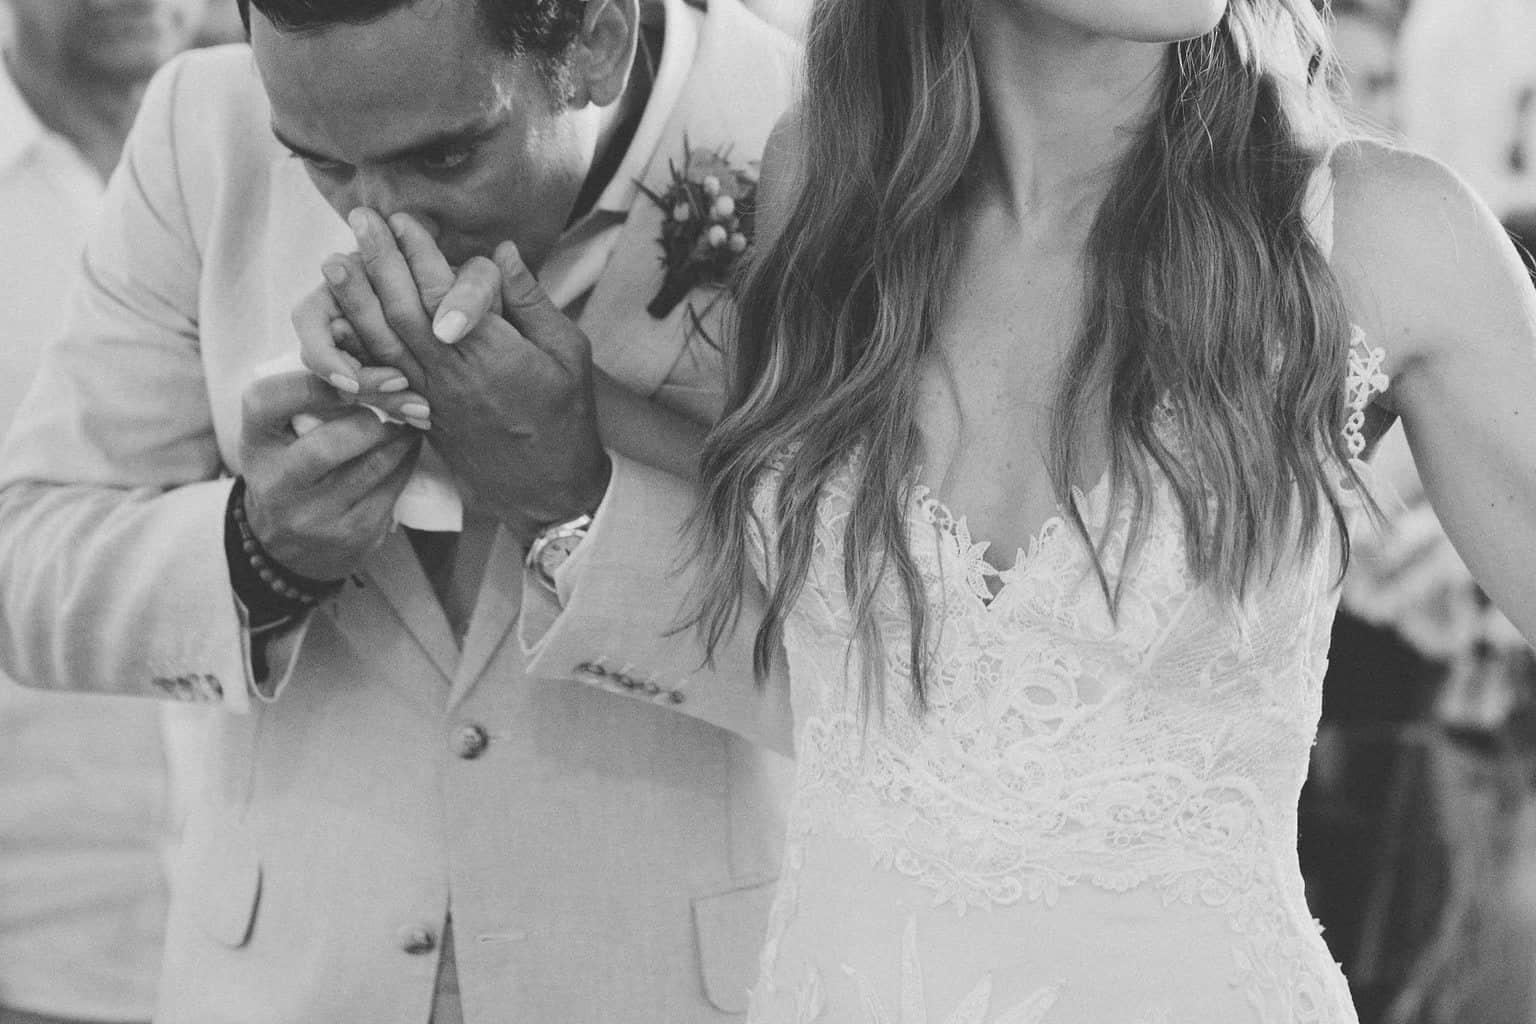 casamento-Danielle-e-Guilherme-aloha-fotografia-caseme-86